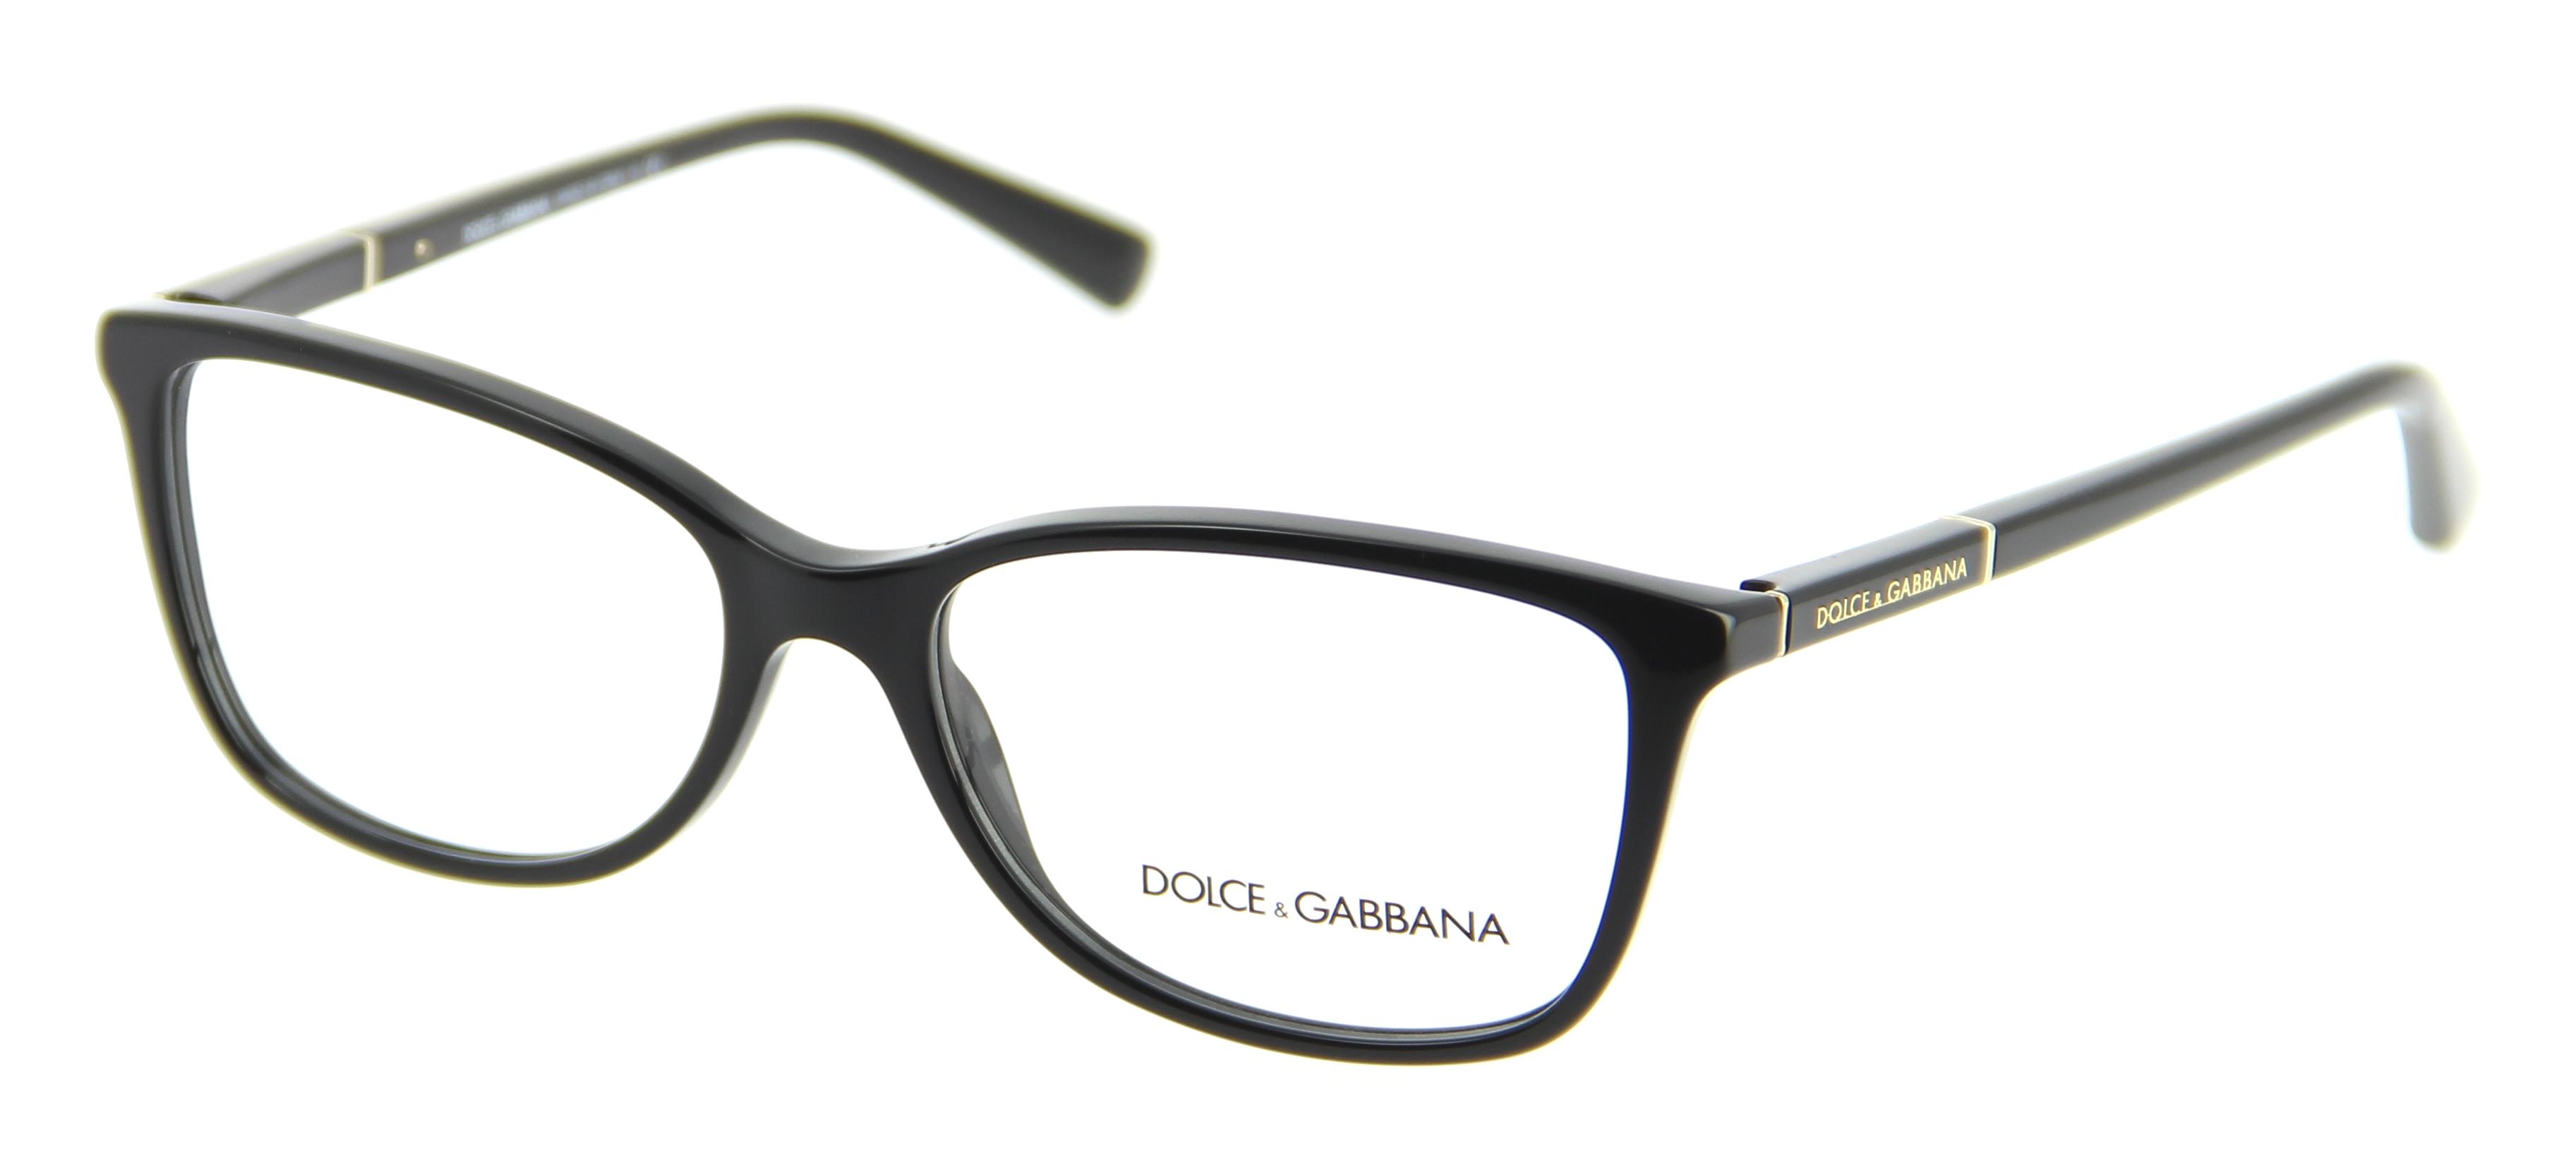 lunettes de vue dolce gabbana dg 3219 501 55 16 femme noir ovale cercl e tendance 55mmx16mm 195. Black Bedroom Furniture Sets. Home Design Ideas